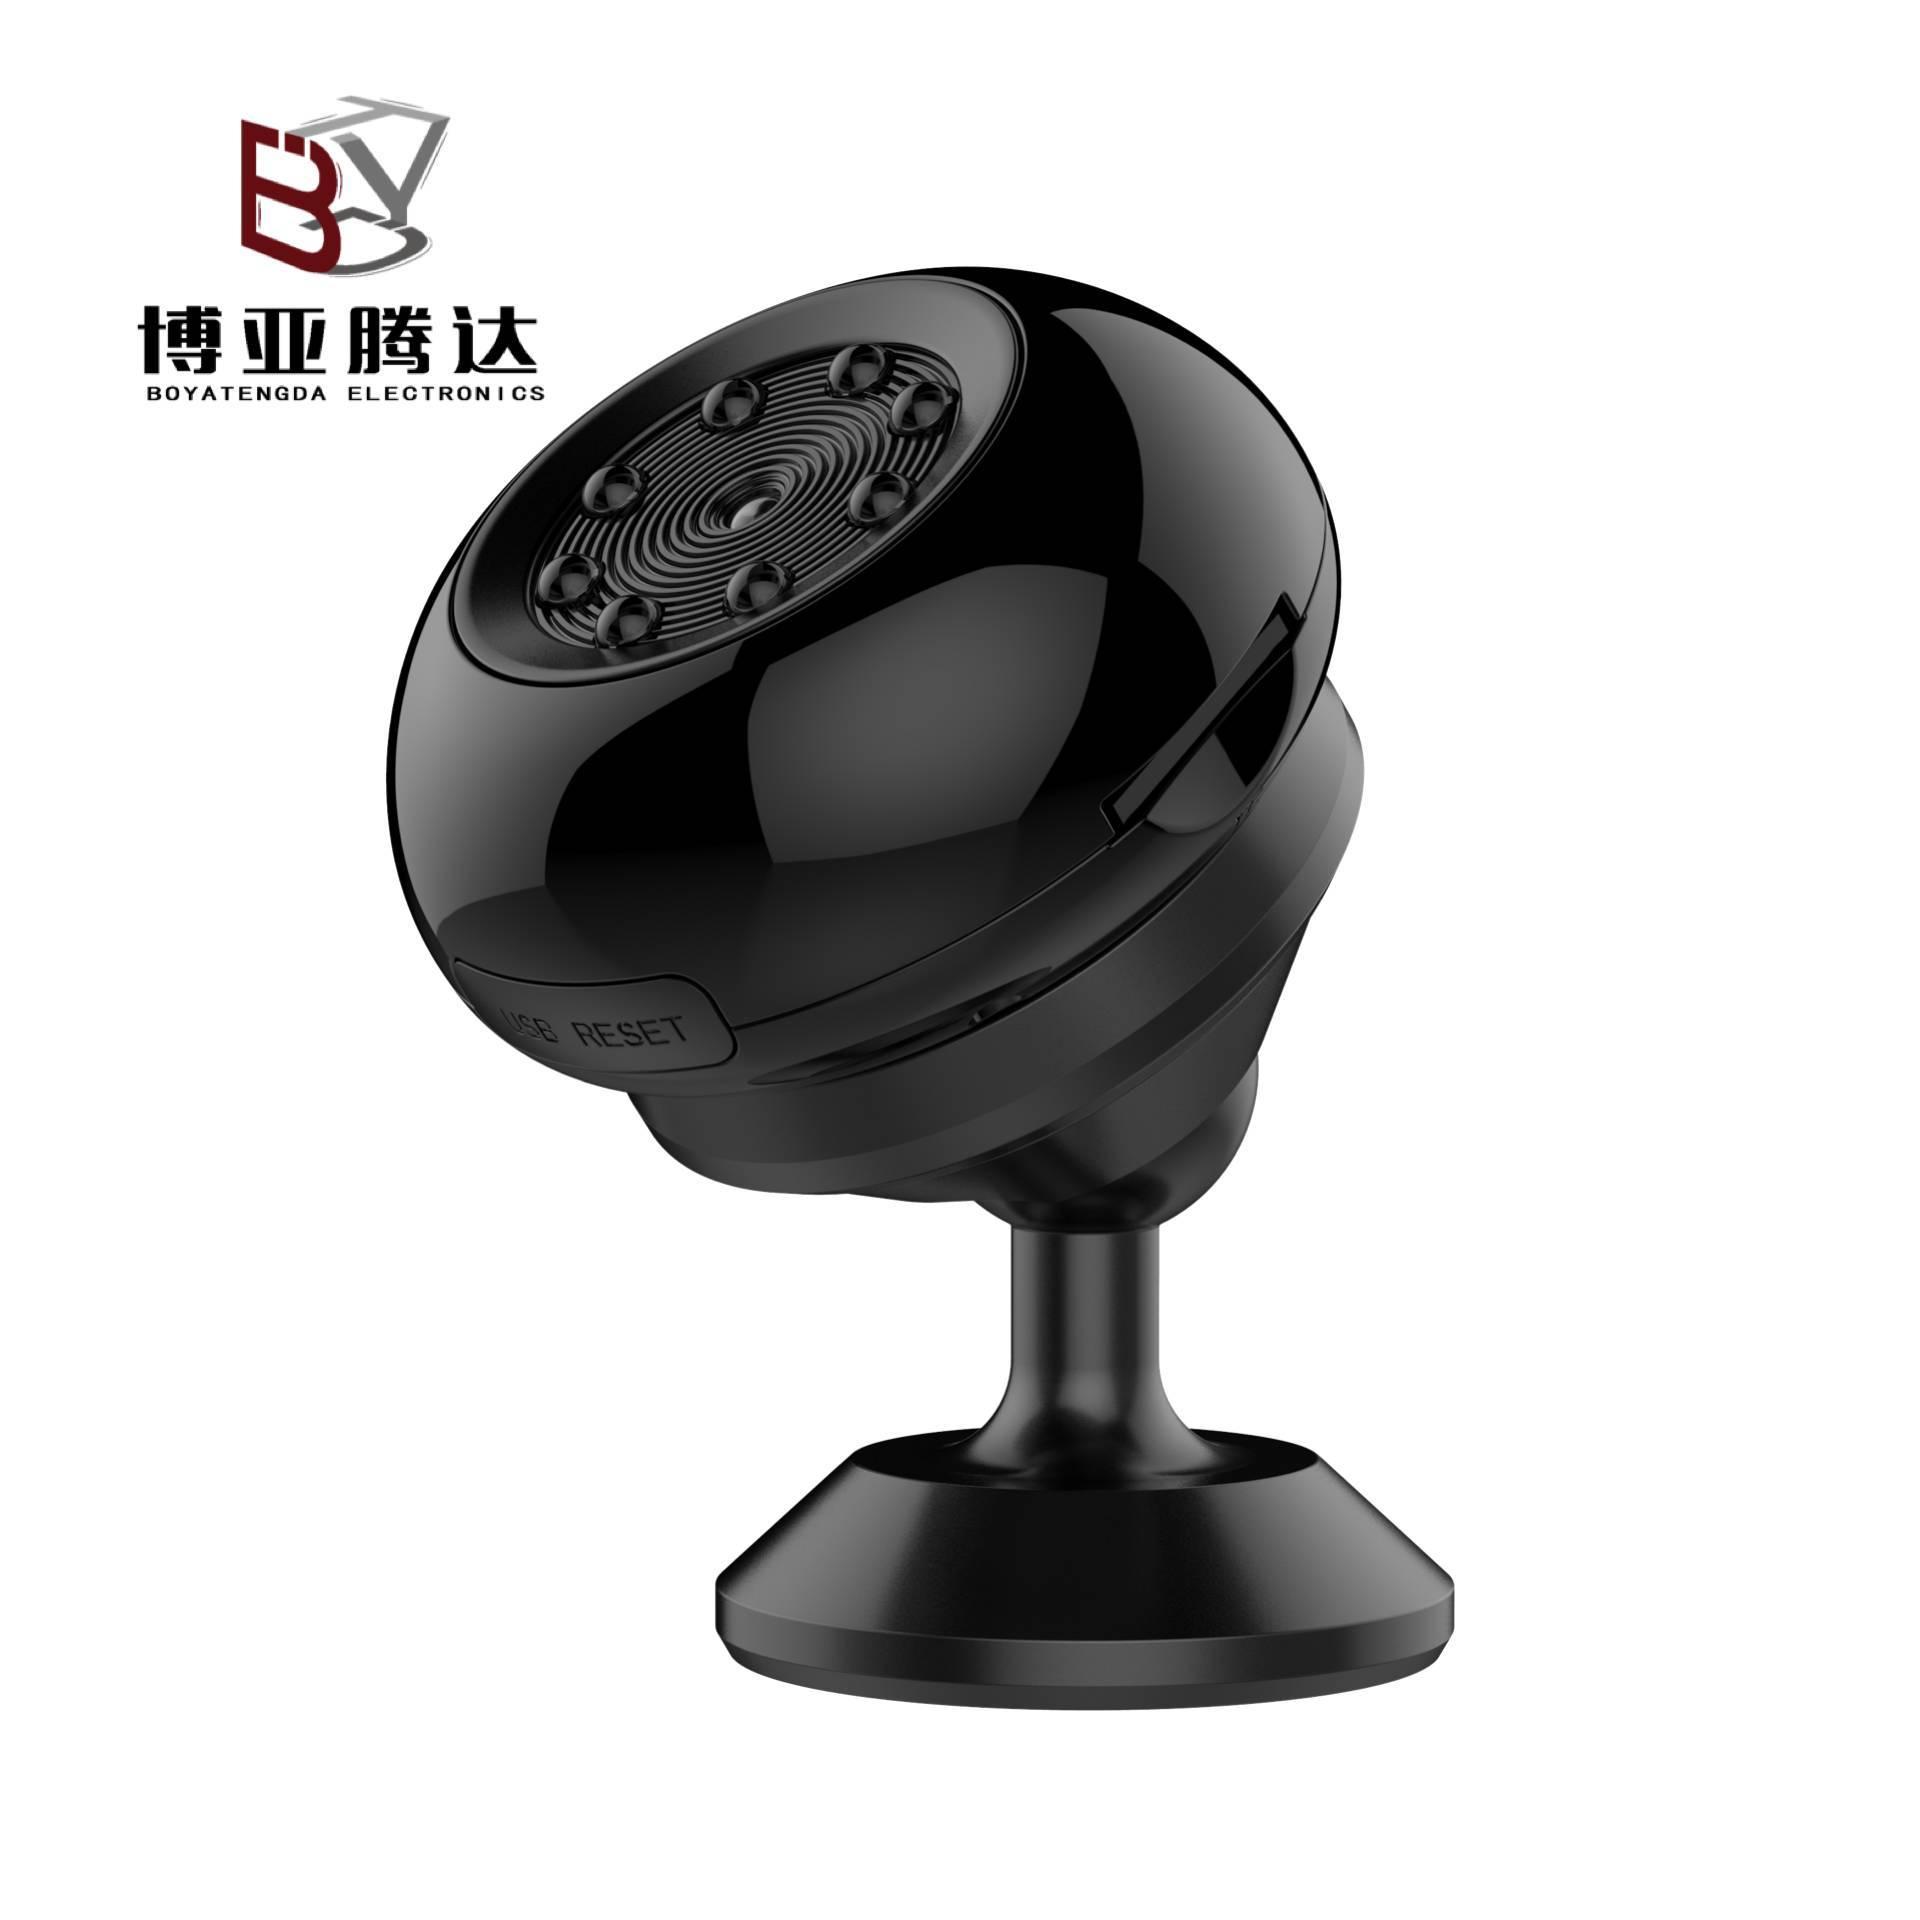 OEM Máy ảnh thể thao Camera HD1717 A9 Thể thao ngoài trời DV Trang chủ WIFi Security IR 1080P